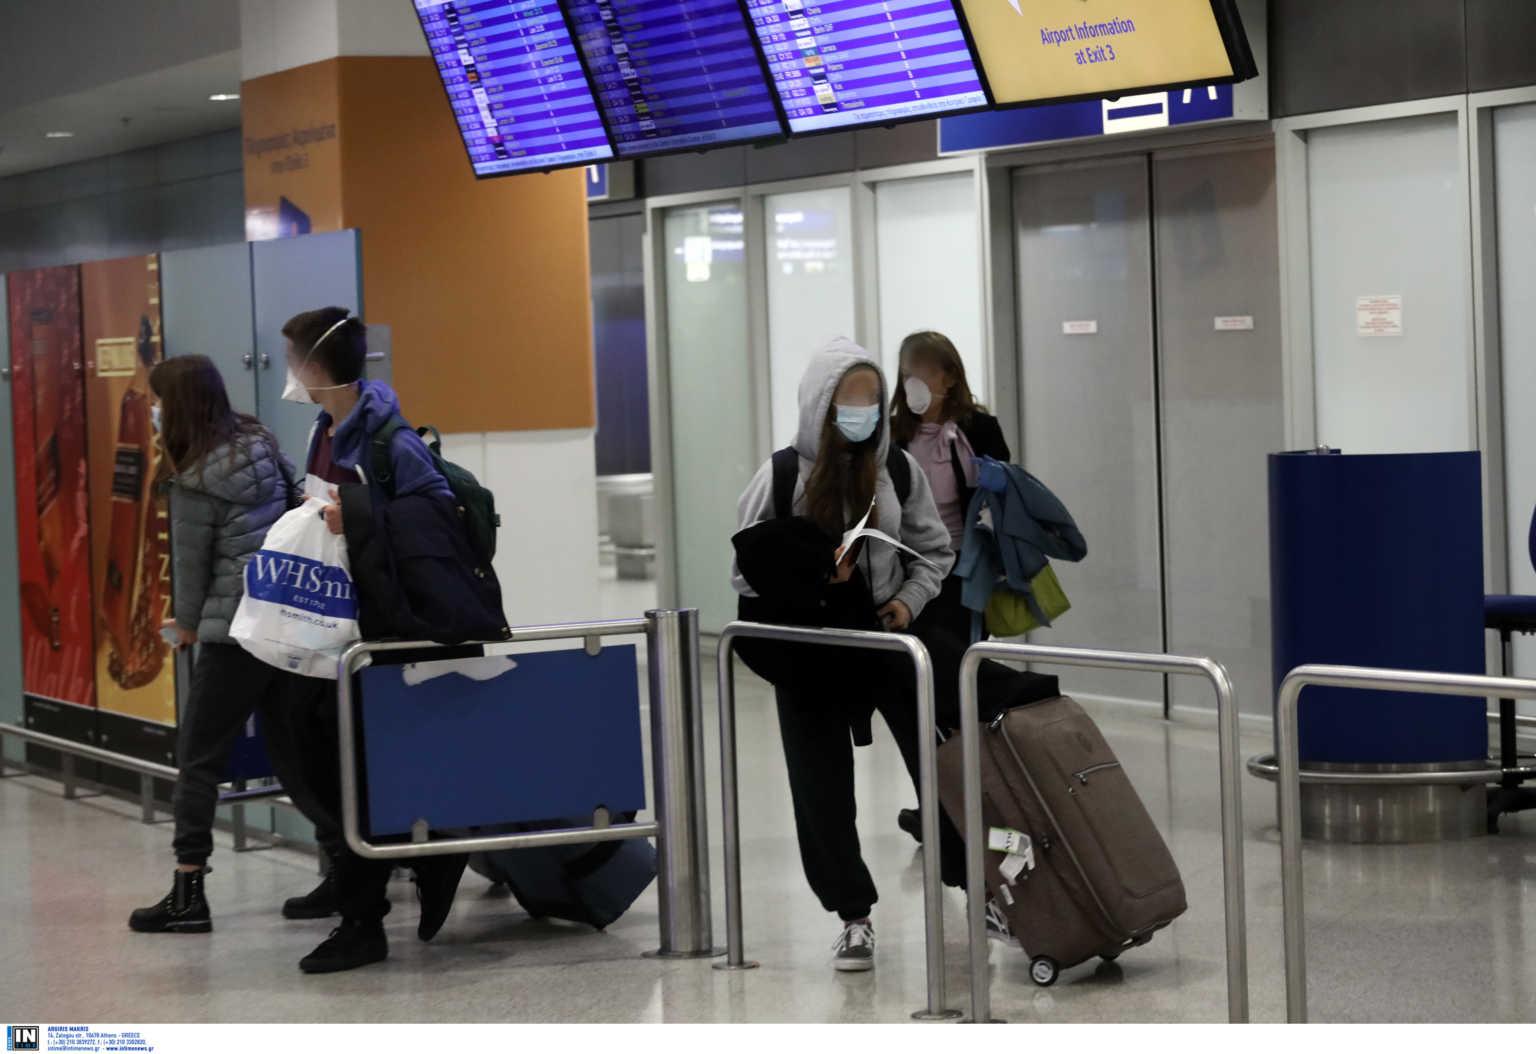 Κορονοϊός: Με πυρετό και βήχα επέστρεψαν από το Λονδίνο μαθητές του Κολλεγίου Ψυχικού